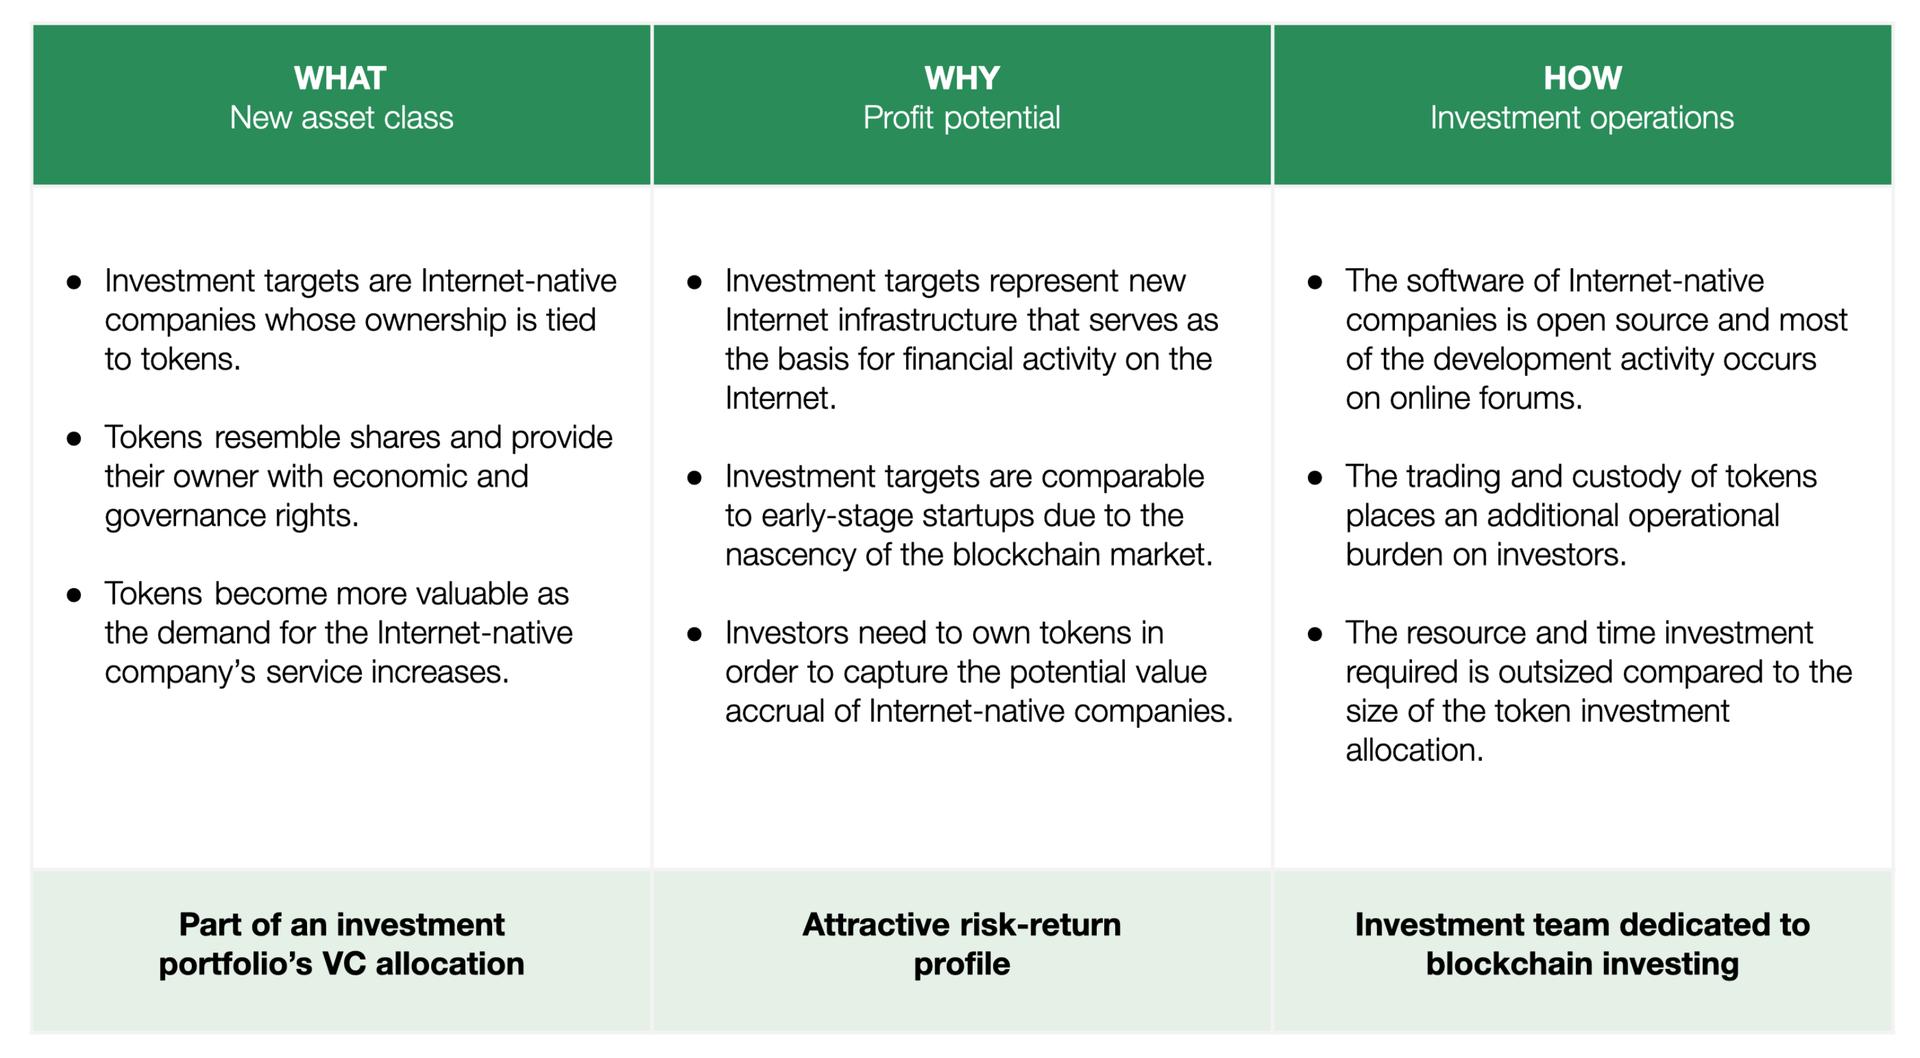 为什么高盛完全错了?从资产的角度论加密投资